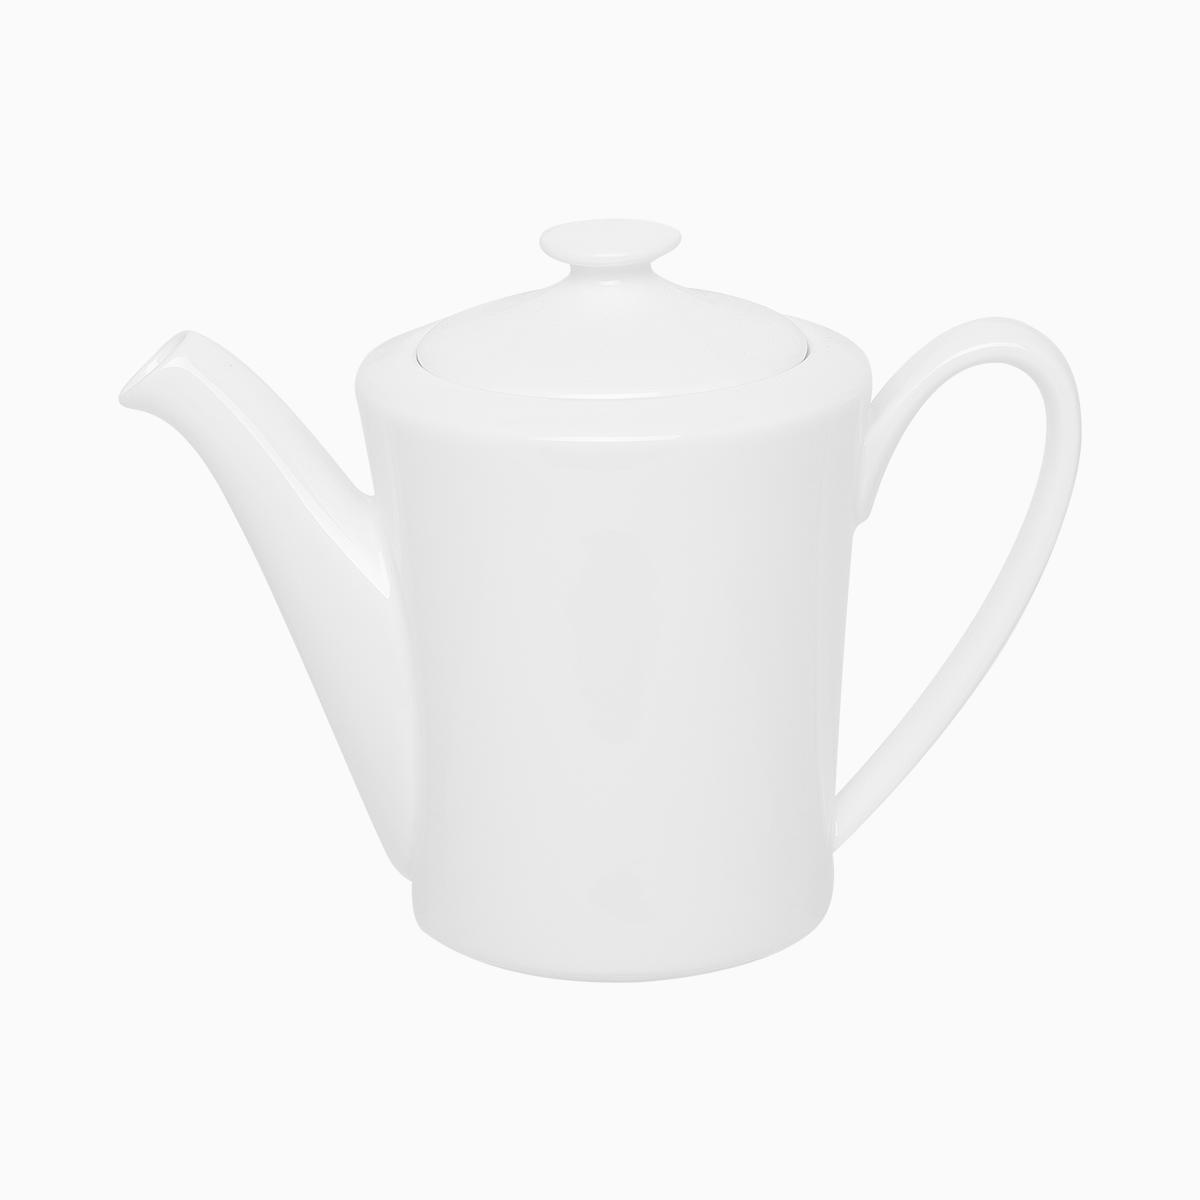 Kaffee- und Teekanne mit Deckel